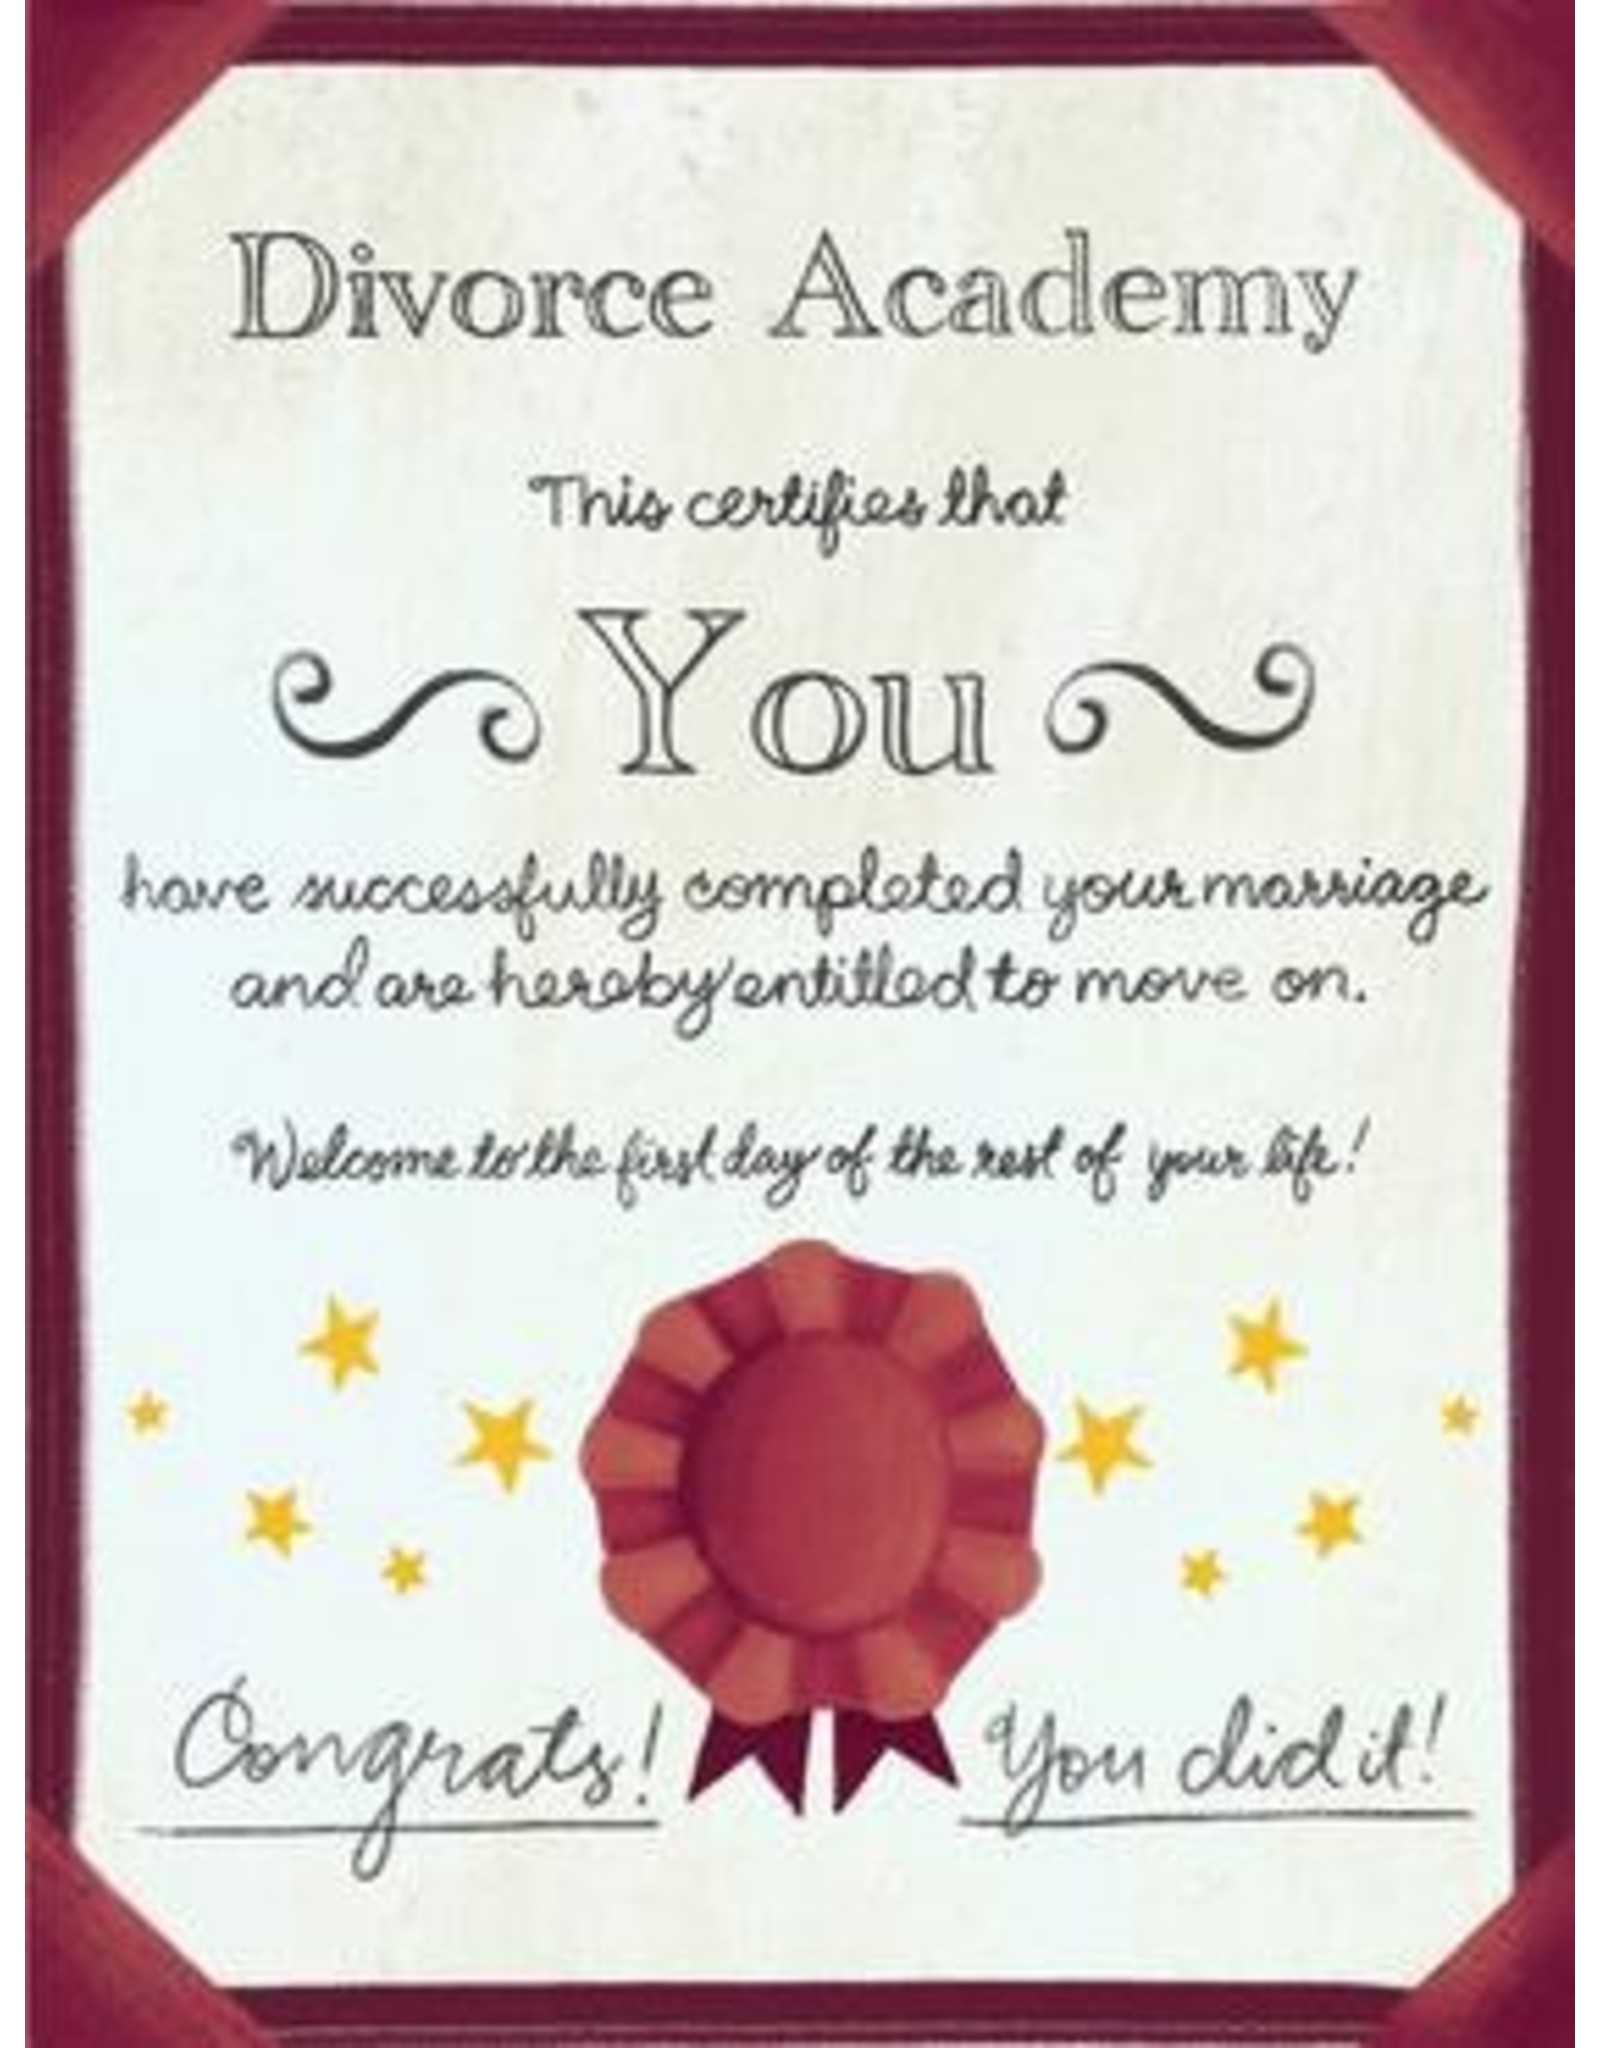 Meaghan Smith Meaghan Smith - Divorce Academy Card